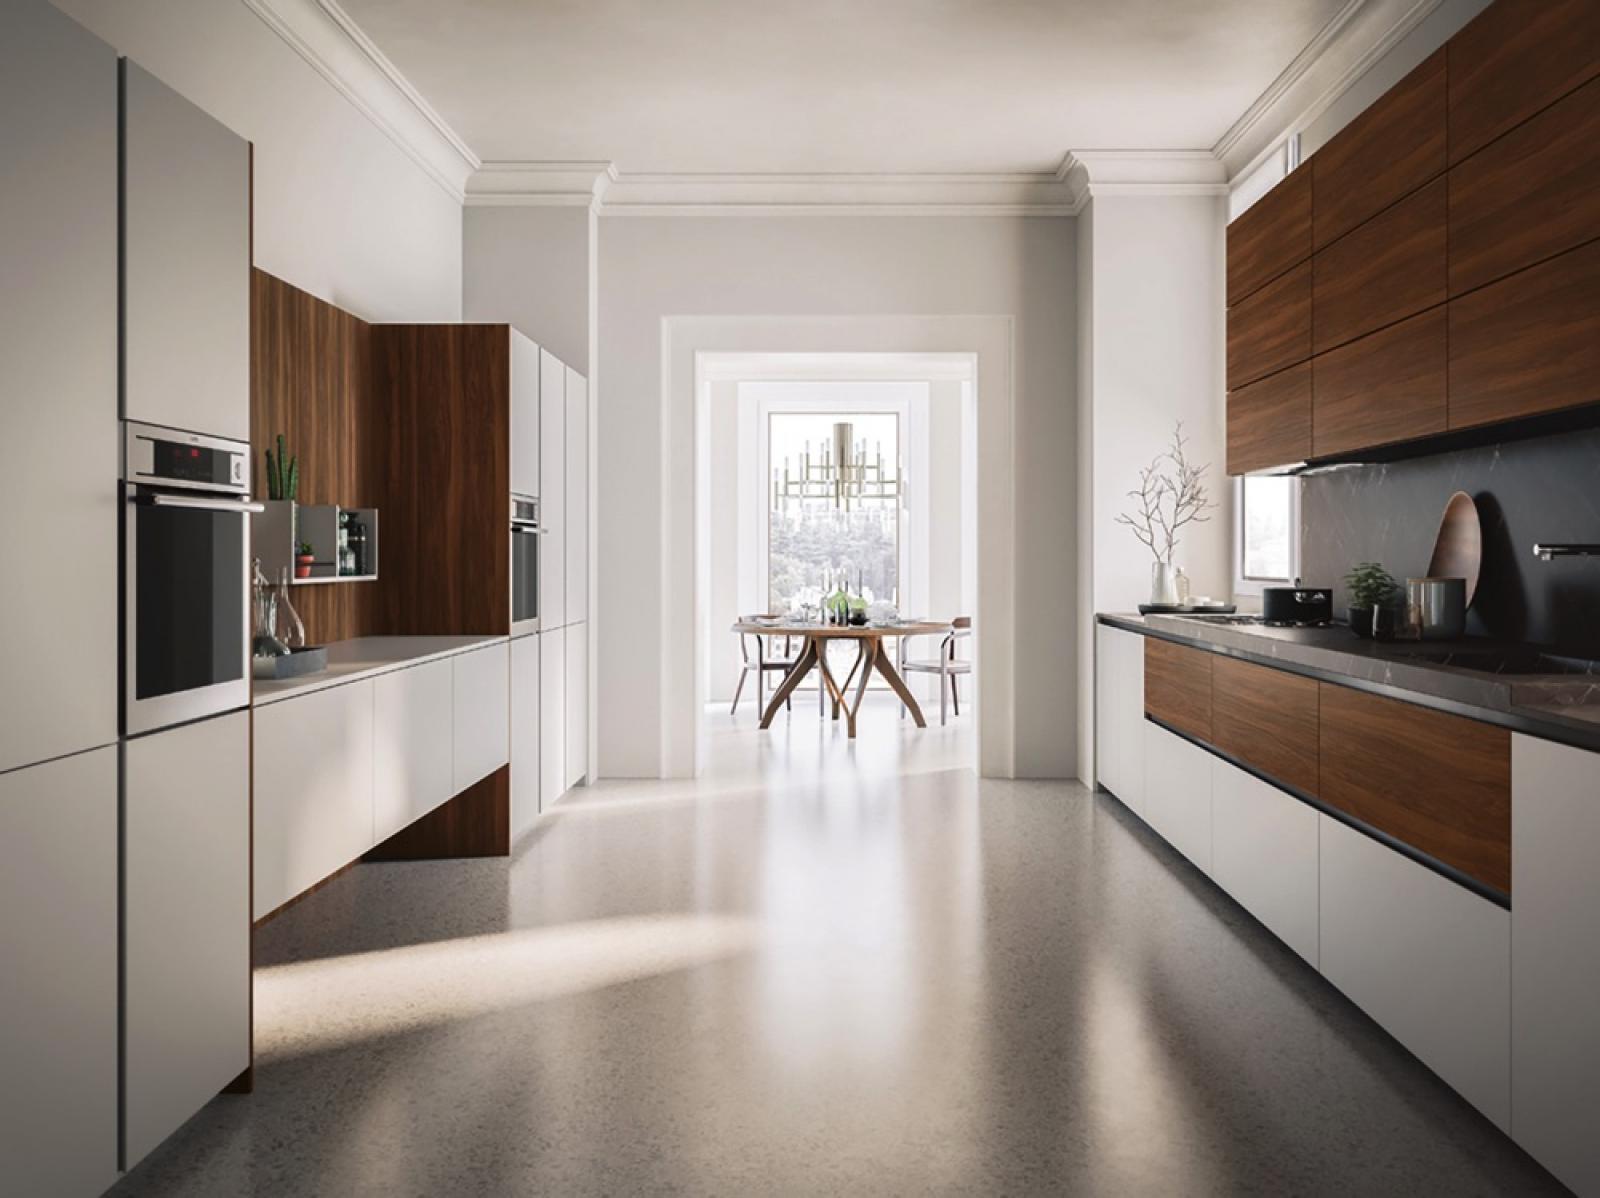 cuisine quip e lille distributeur cuisine quip e italienne zecchinon. Black Bedroom Furniture Sets. Home Design Ideas